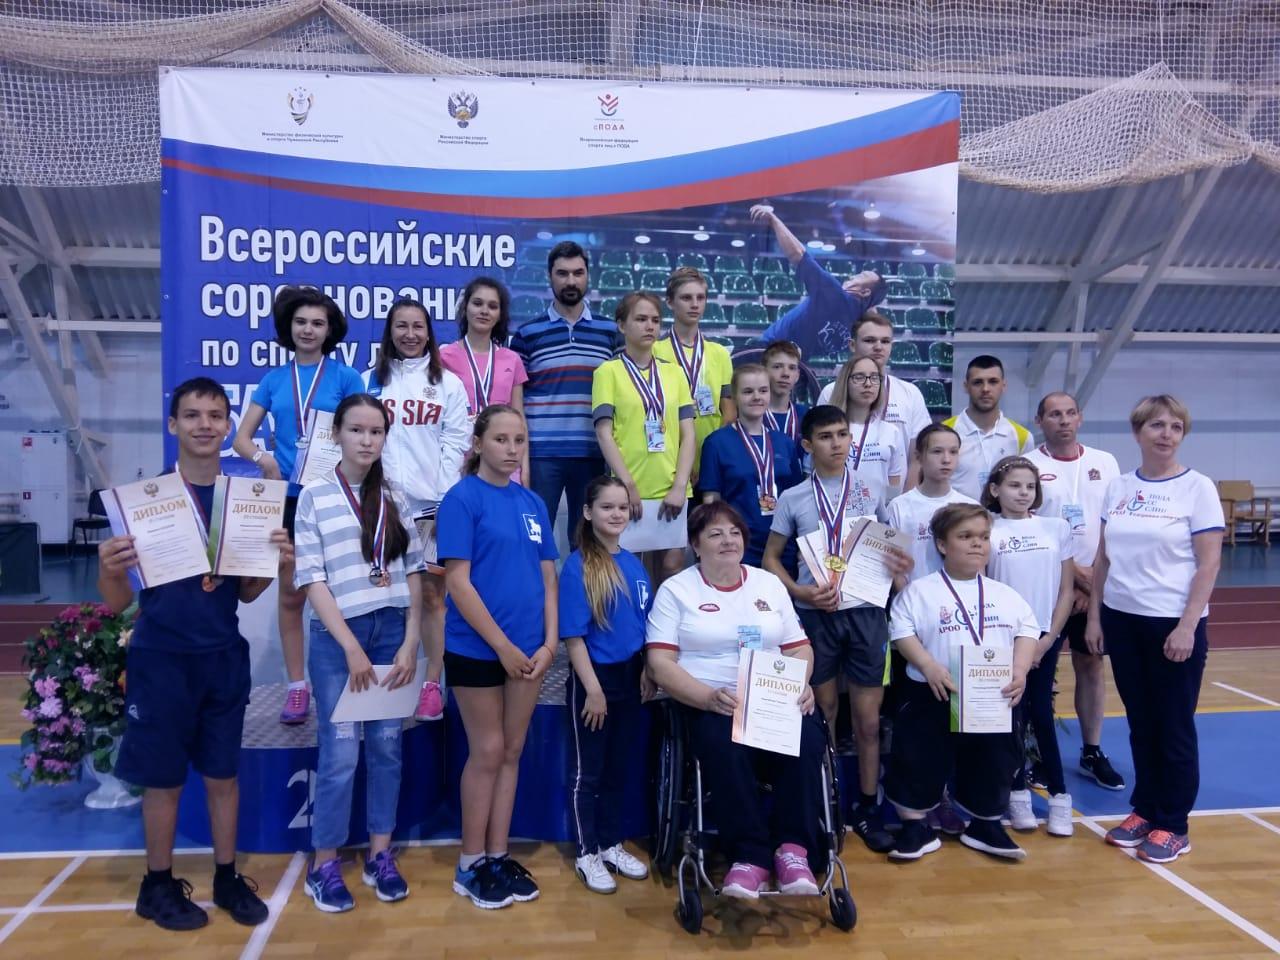 В Чувашии определены победители первенства России по парабадминтону